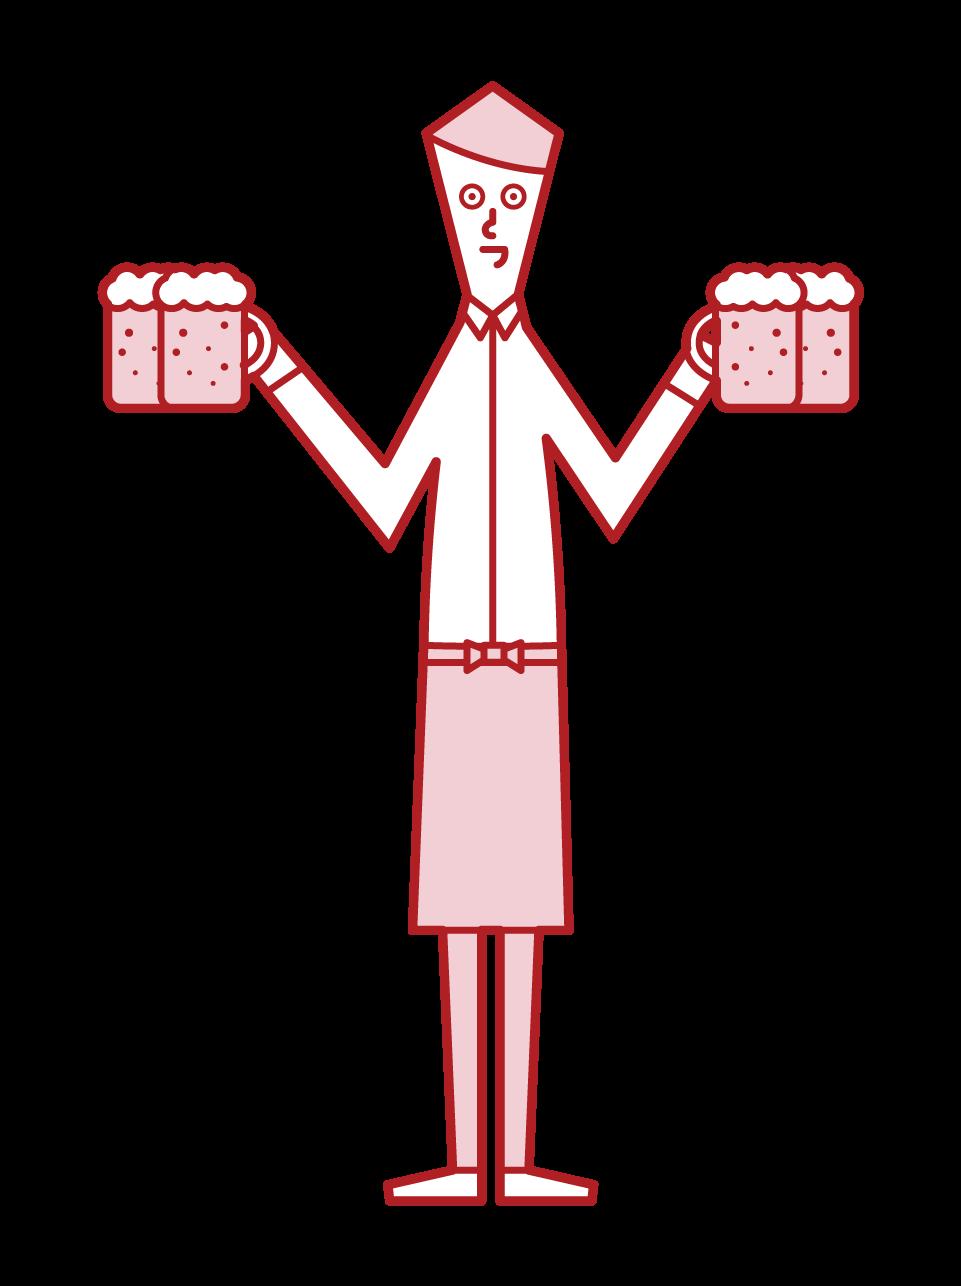 大廳工作人員服務員(男)與啤酒的插圖